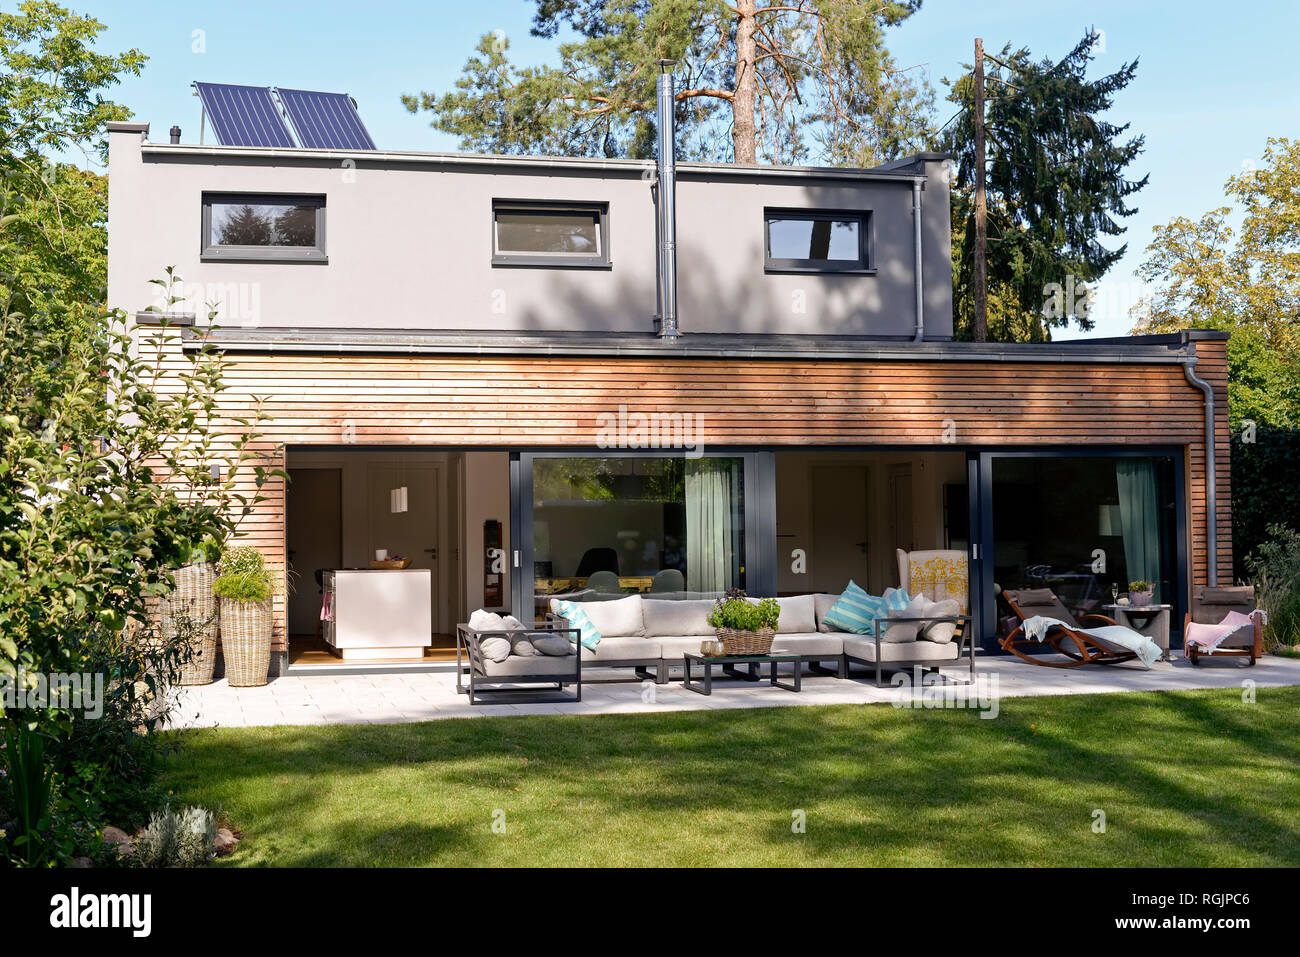 Maison moderne avec terrasse et jardin Banque D\'Images, Photo Stock ...